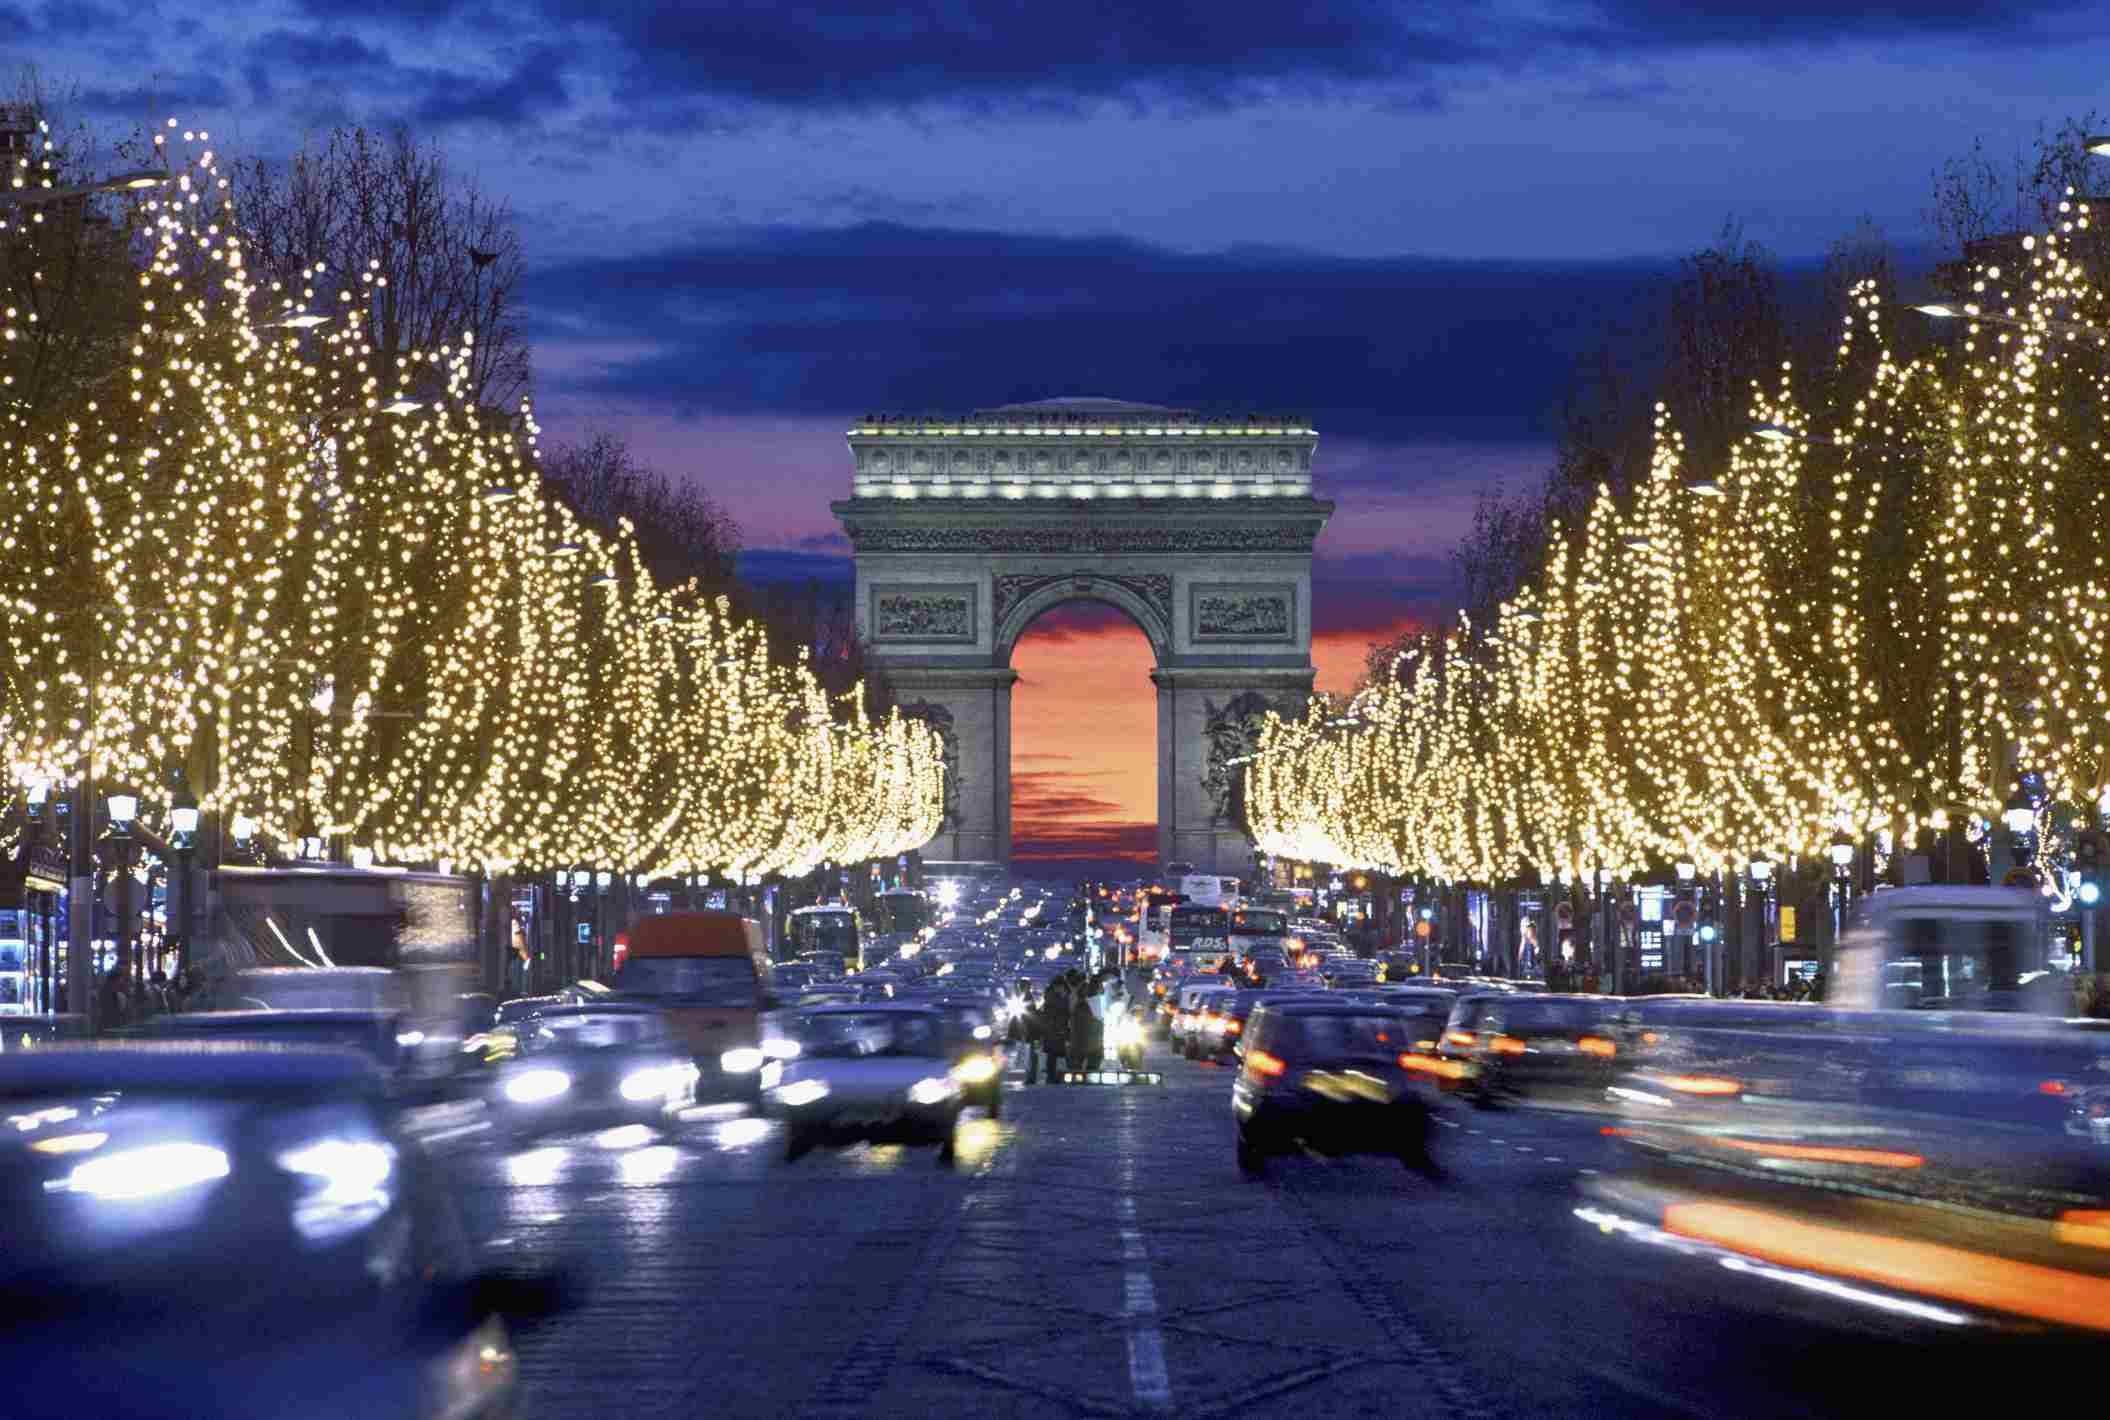 Christmas lights on the Champs-Elysées in Paris